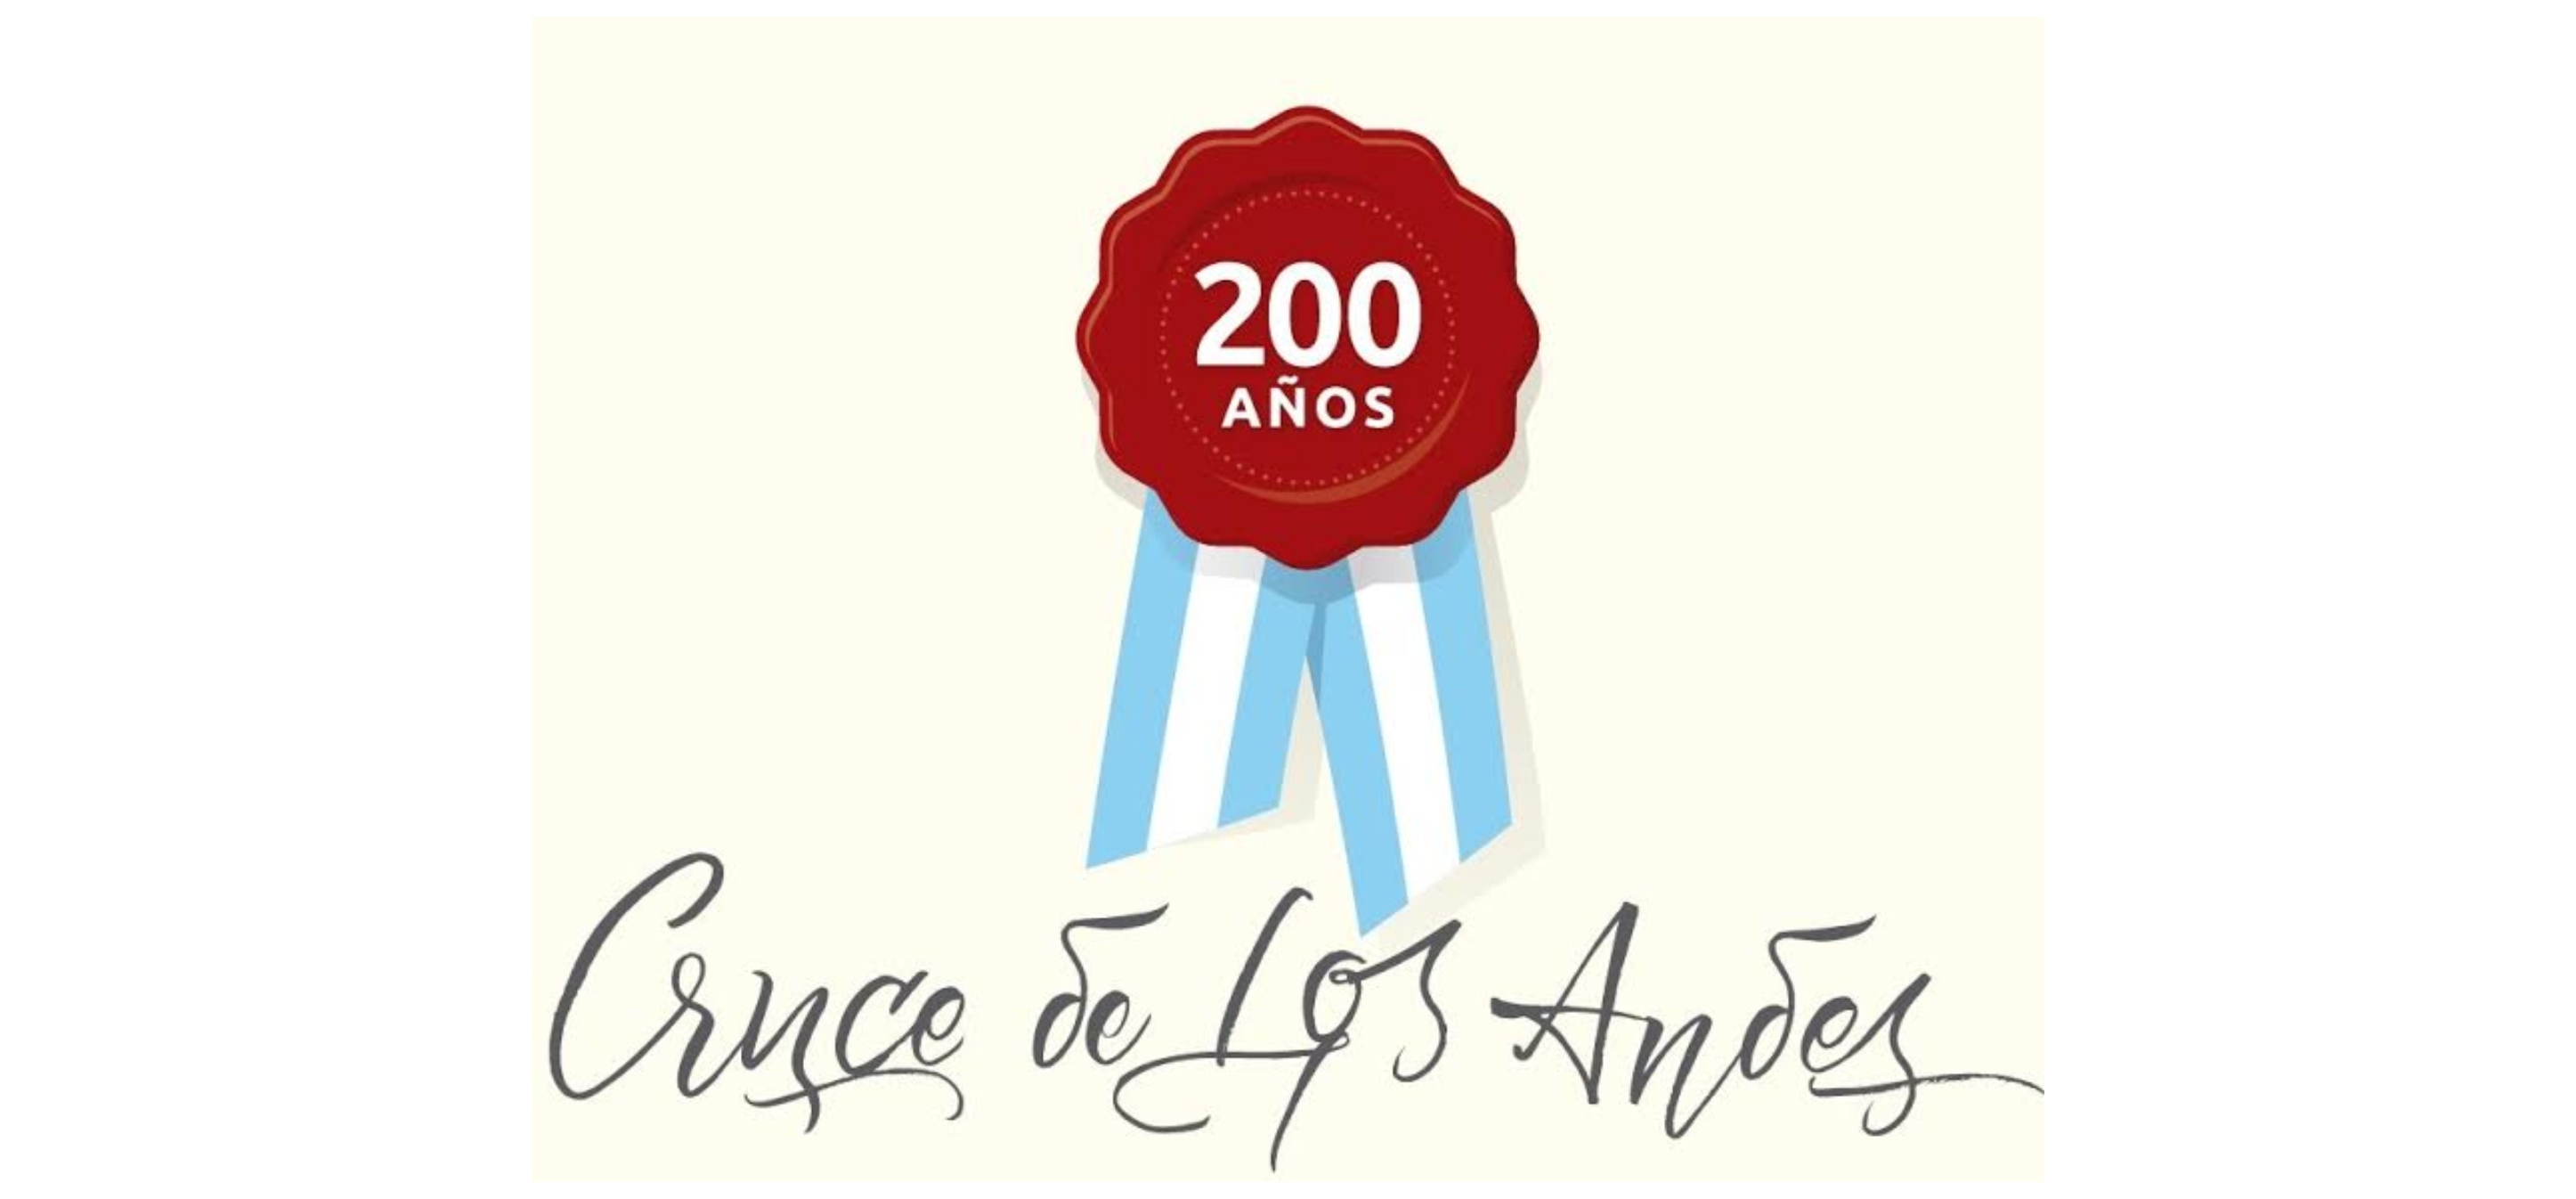 Informe especial Los 200 aos del Cruce de los Andes por el